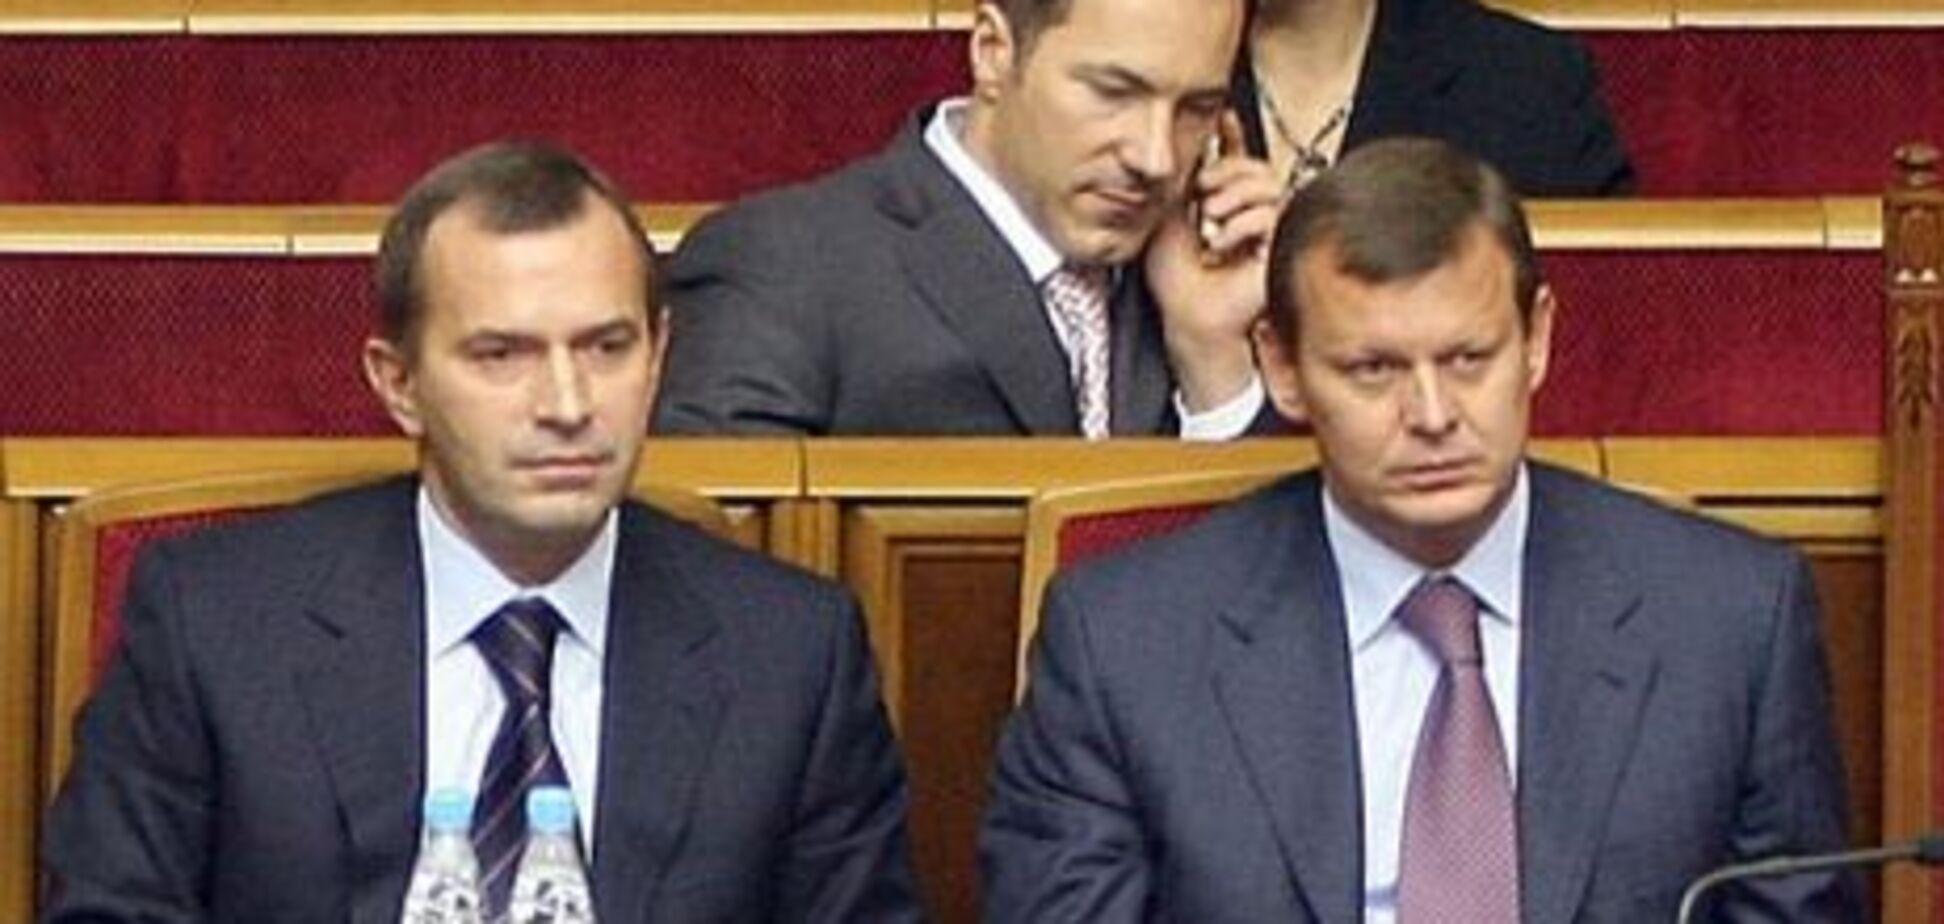 Незважаючи на санкції: Клюєви розпродали активи в Україні та ЄС